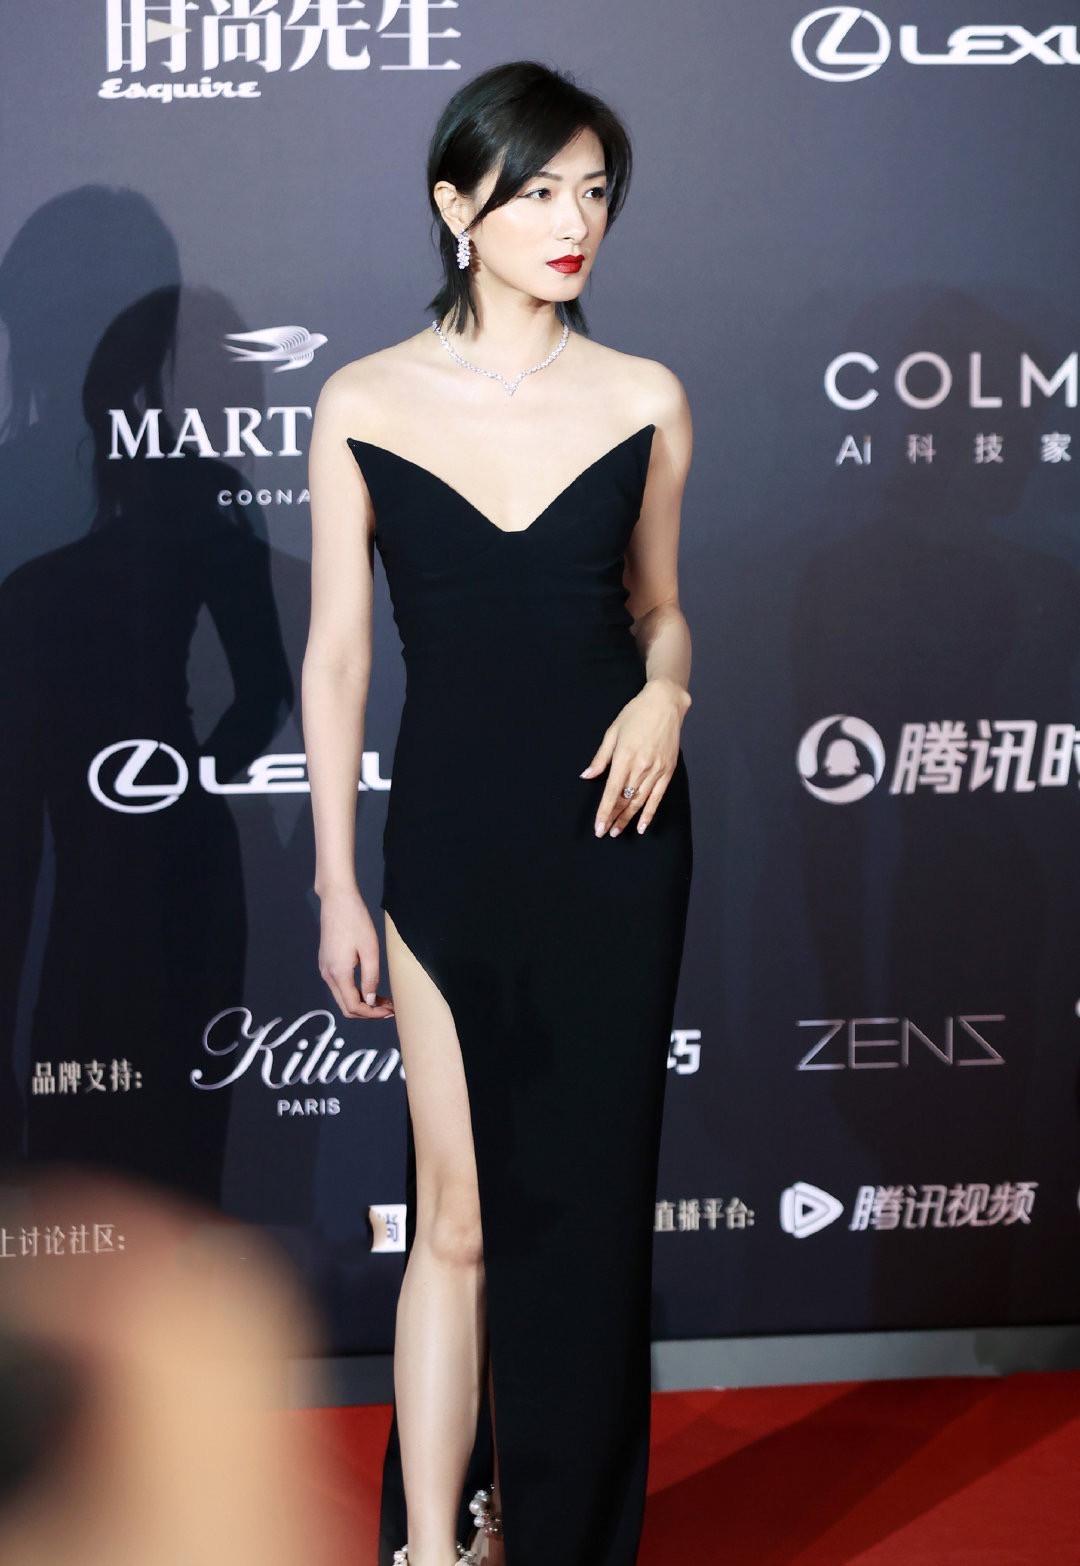 女星红毯秀:杨幂万茜斗性感,金晨宋祖儿甜美,张雨绮太臃肿